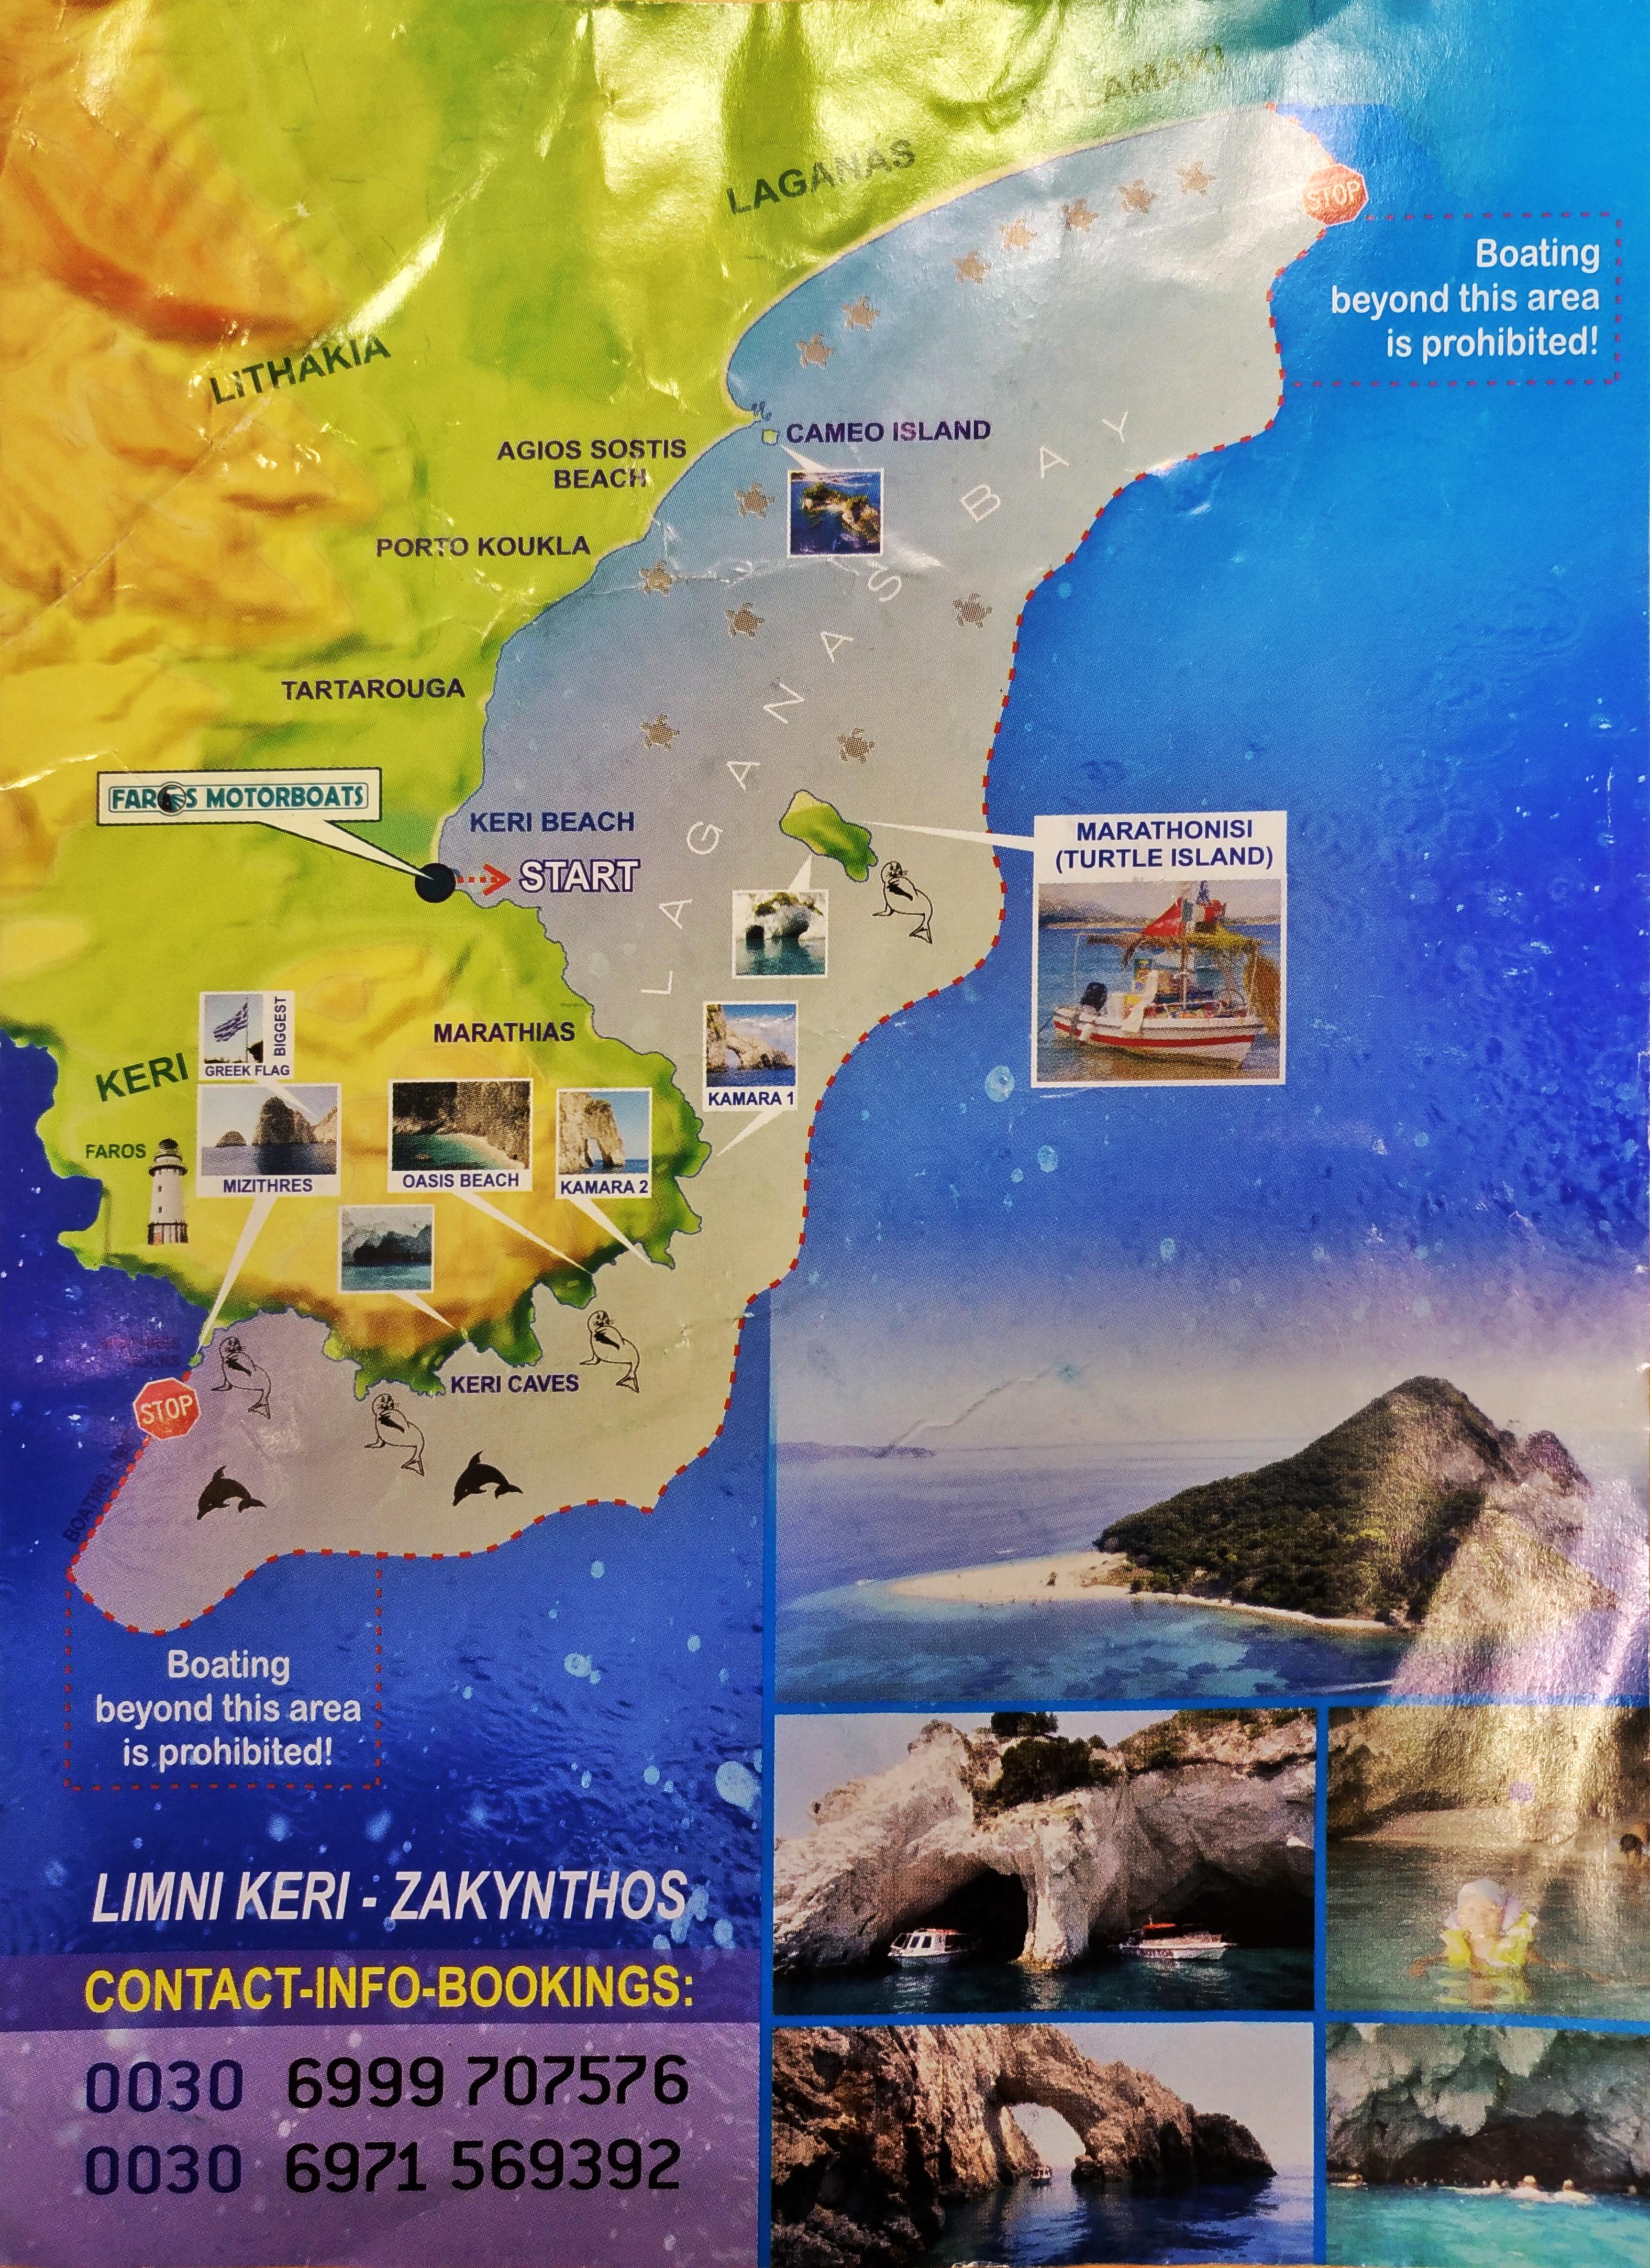 Карта акватории бухты Лаганас